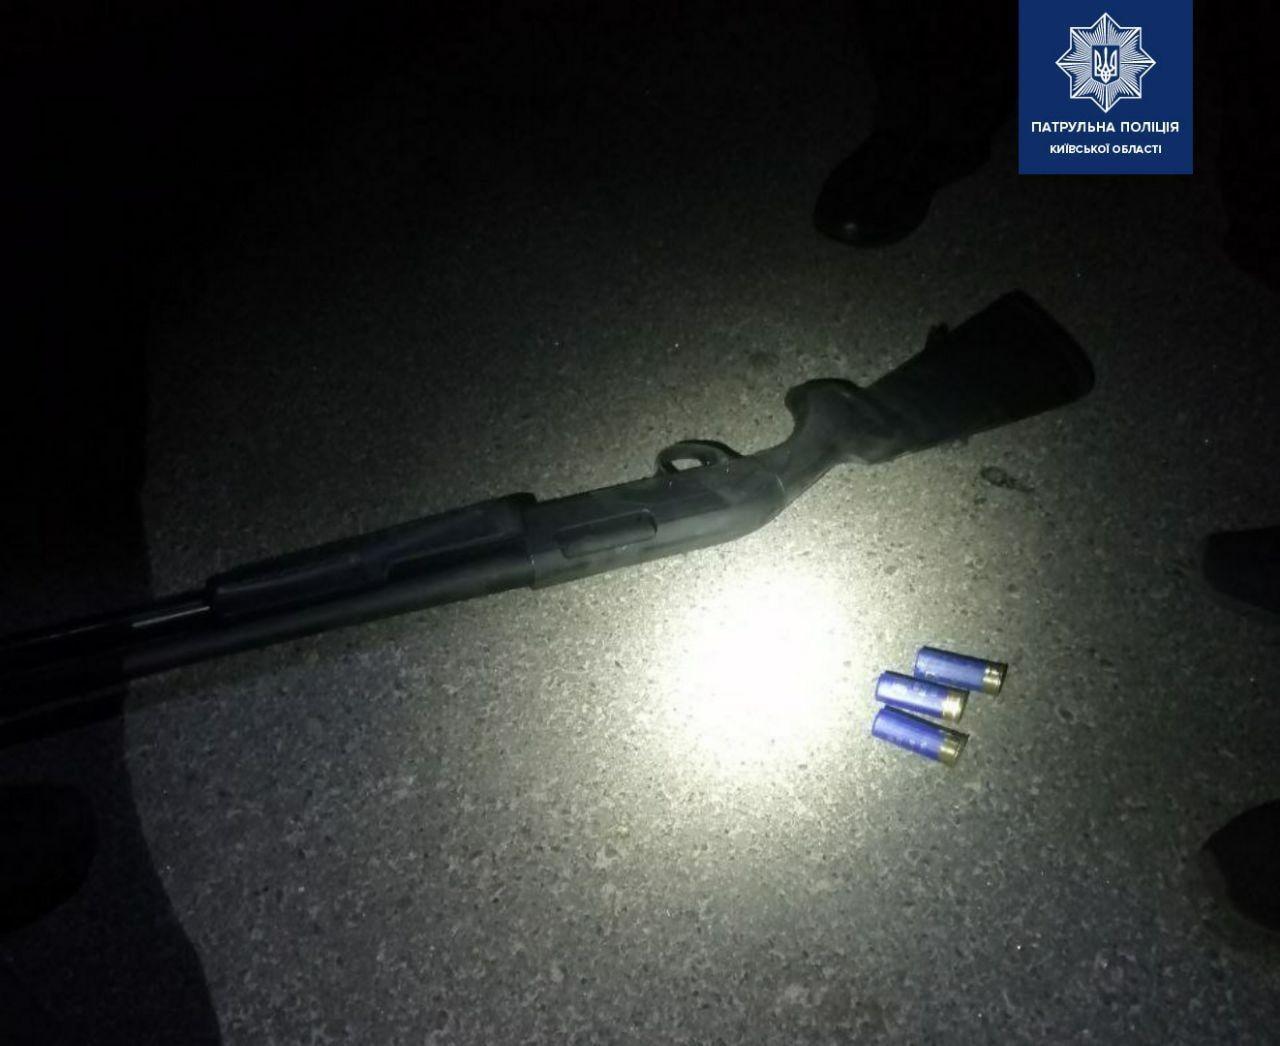 На Київщині поліція затримала чоловіка з рушницею - рушниця, Петропавлівська Борщагівка - rushnytsya PB